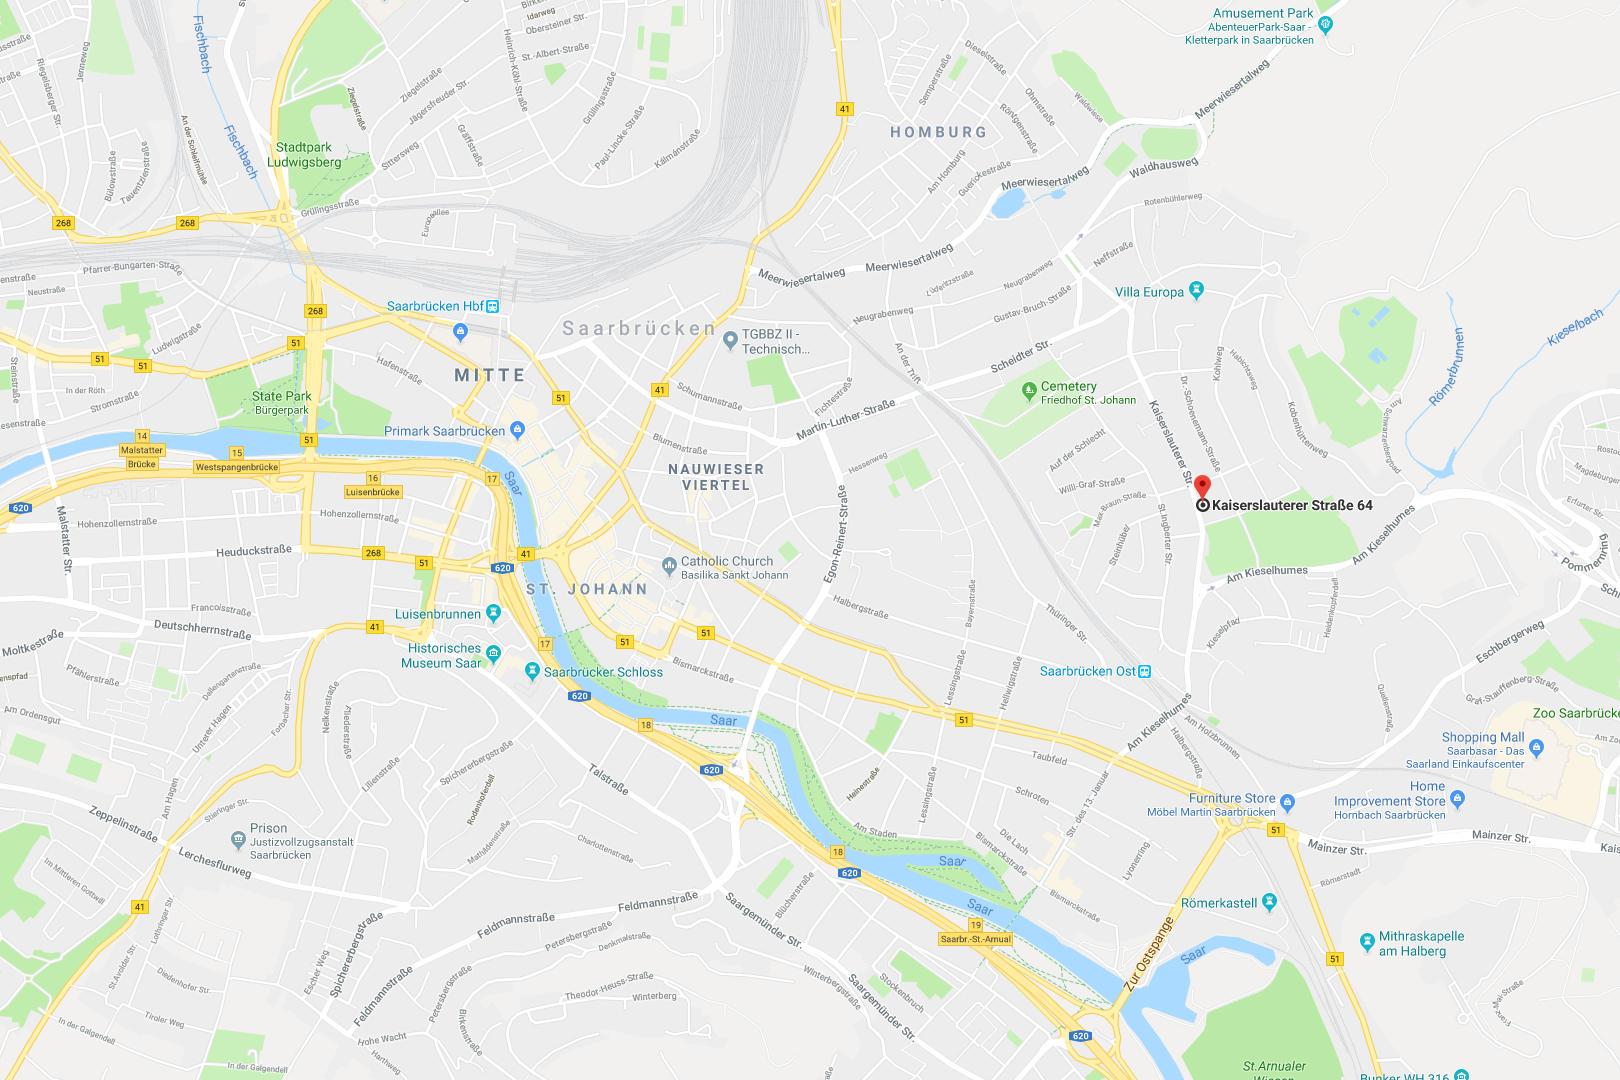 Karte: Saarbrücken > PC & Computer Service ✗ Kelkheim ✗ Saarbrücken > XPert-PC